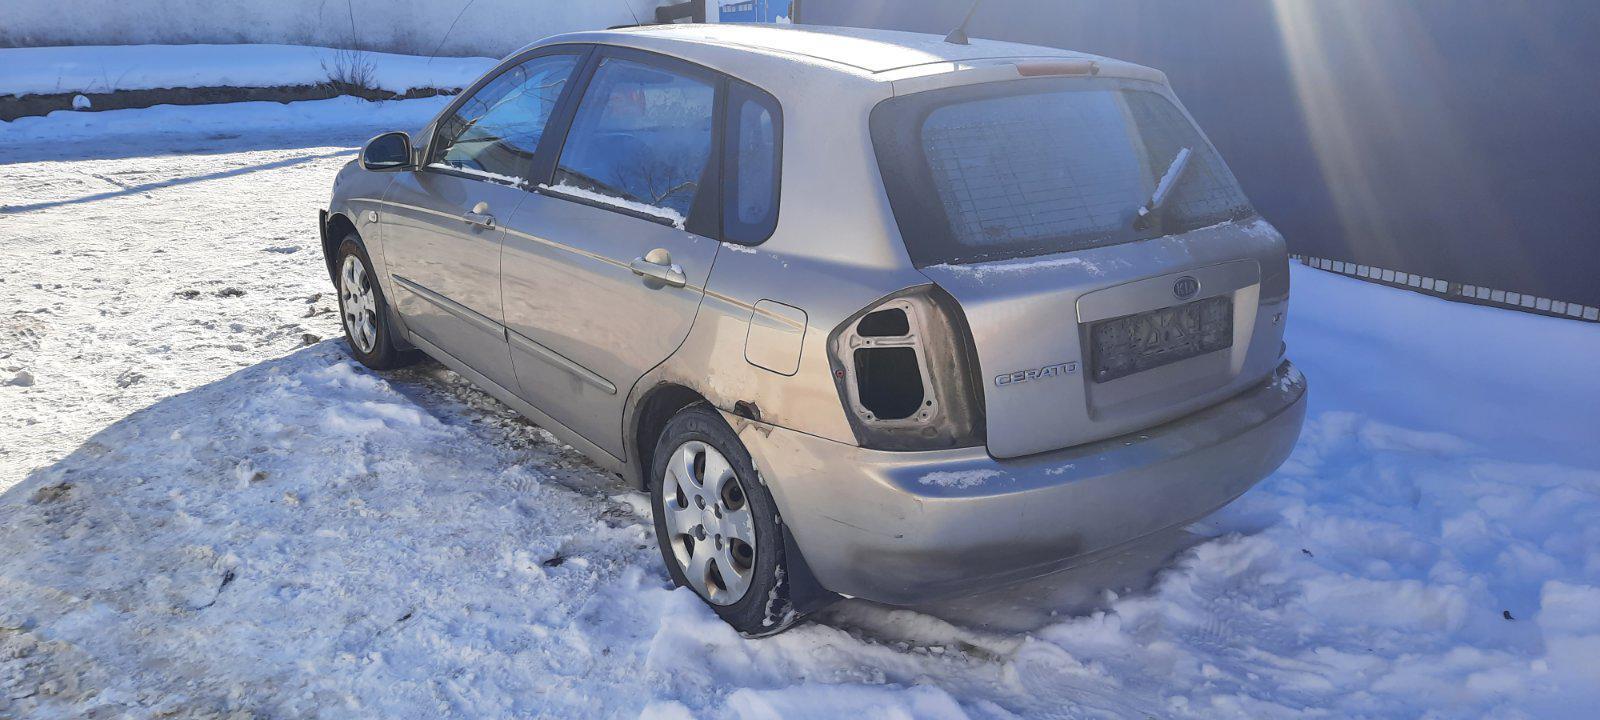 Подержанные Автозапчасти Foto 4 Kia CERATO 2004 1.6 машиностроение хэтчбэк 4/5 d. Браун 2021-2-17 A6057